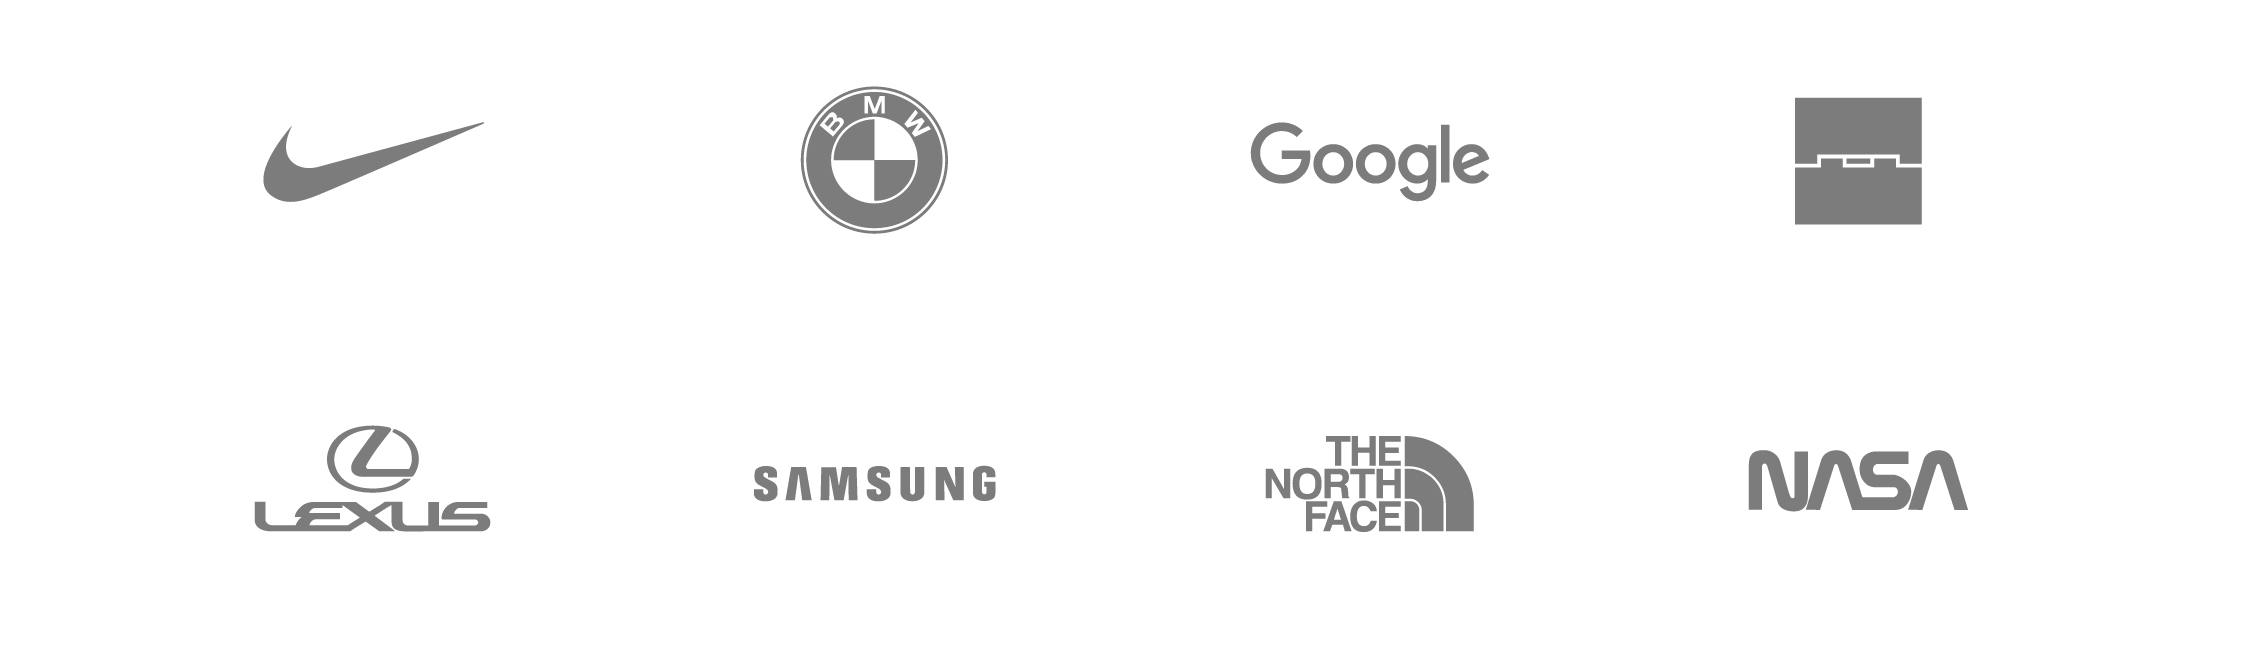 Brand Logos_AI Version_003_Med Grey-01.jpg